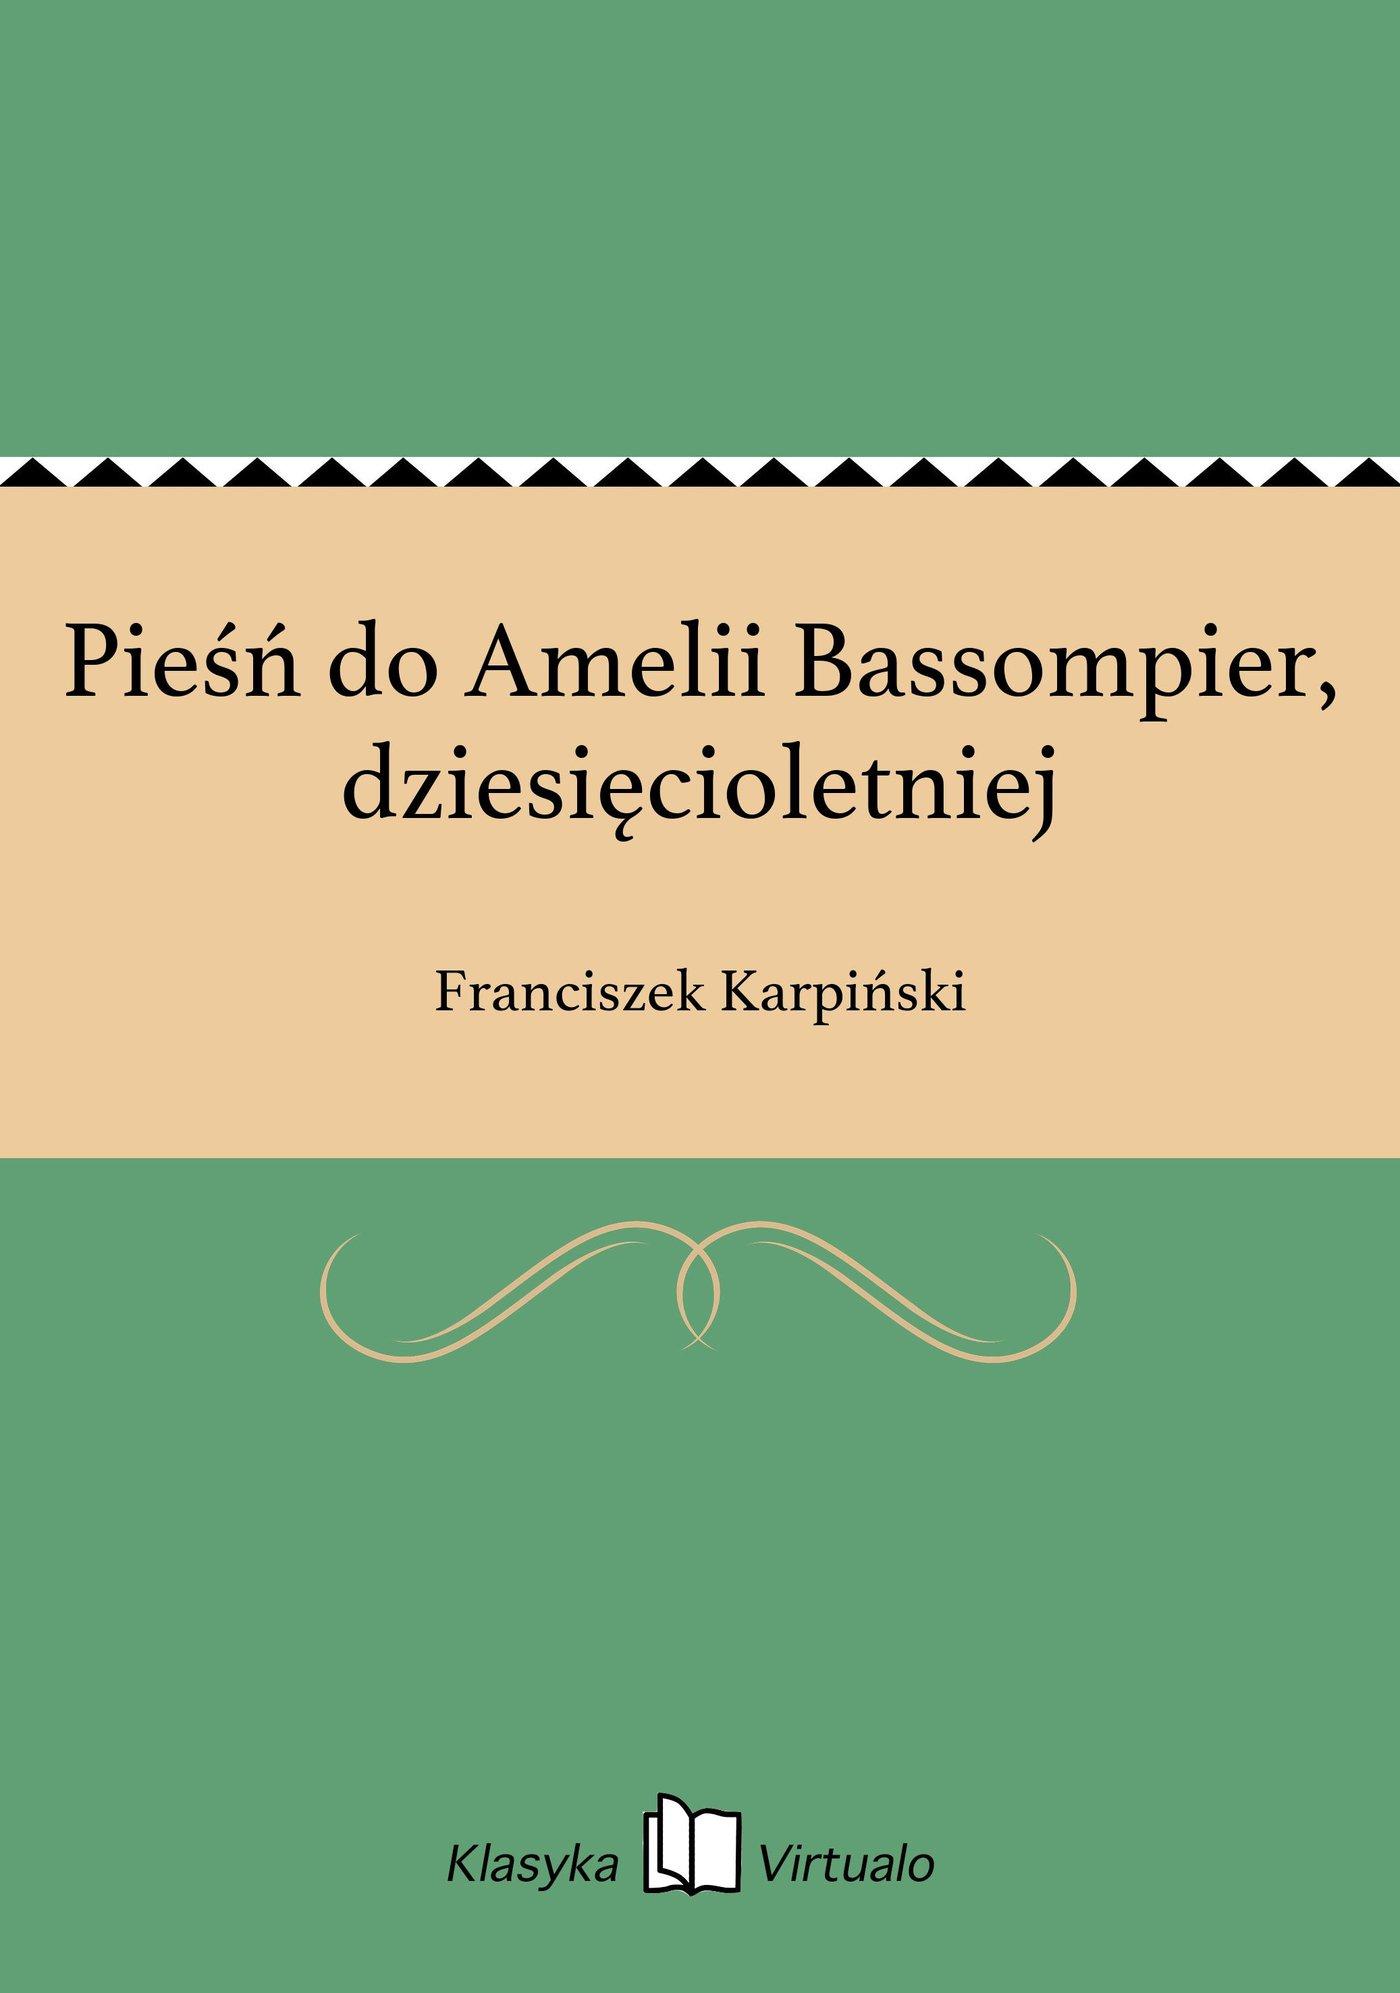 Pieśń do Amelii Bassompier, dziesięcioletniej - Ebook (Książka EPUB) do pobrania w formacie EPUB